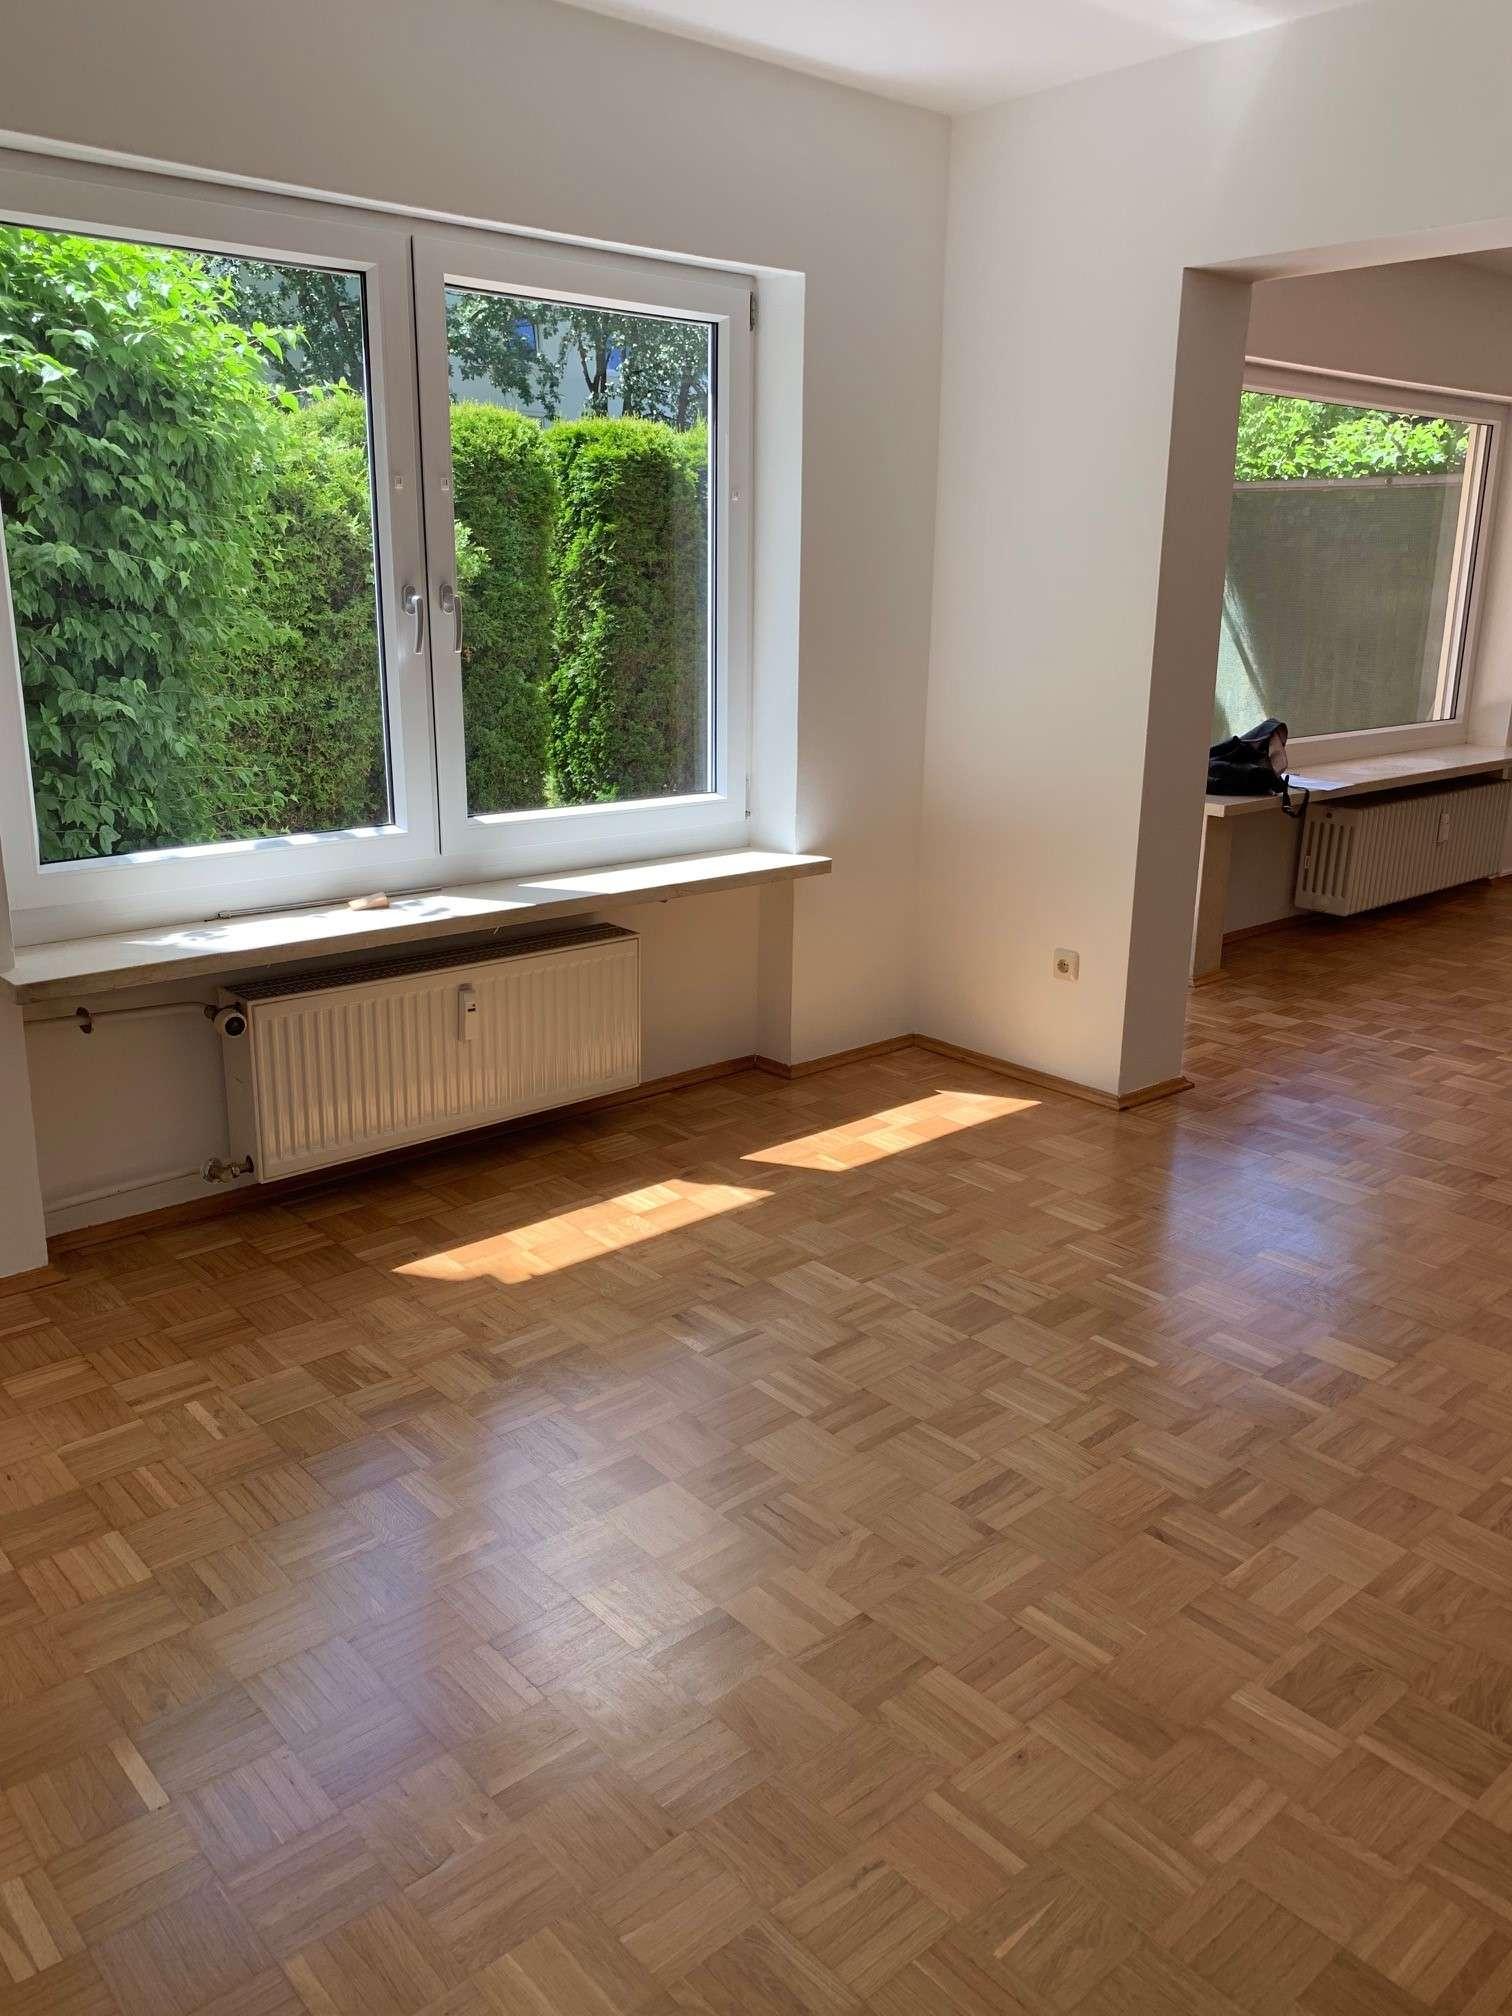 Sonnige, wunderschöne 3-Zimmer-Erdgeschosswohnung mit Terrasse und Einbauküche in München-Solln